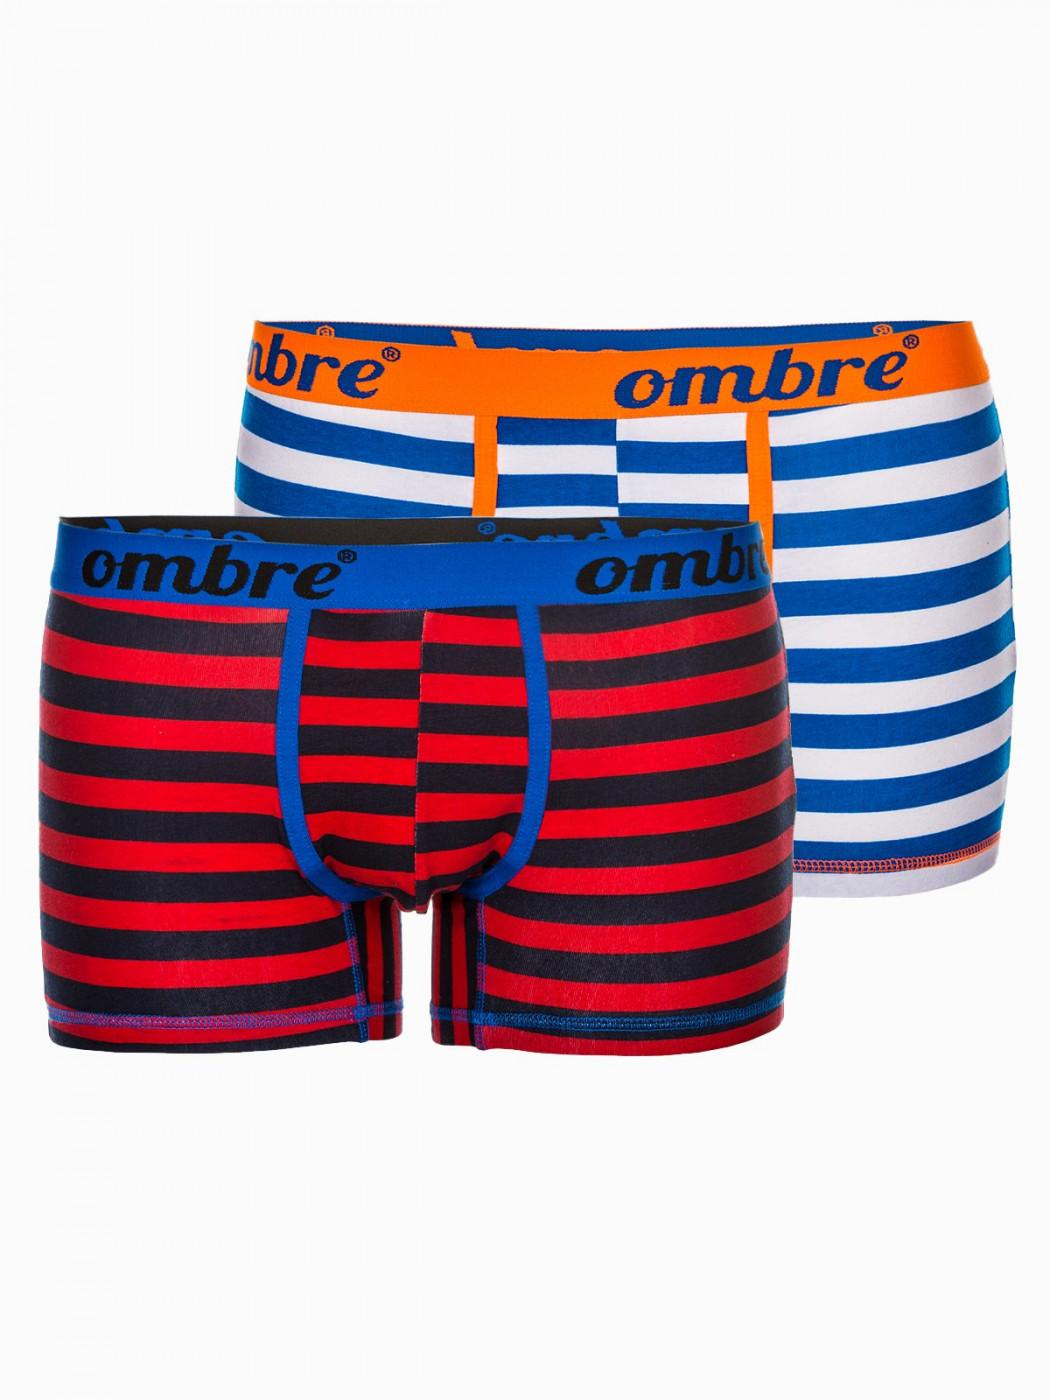 Men's boxers Ombre U38 2pck